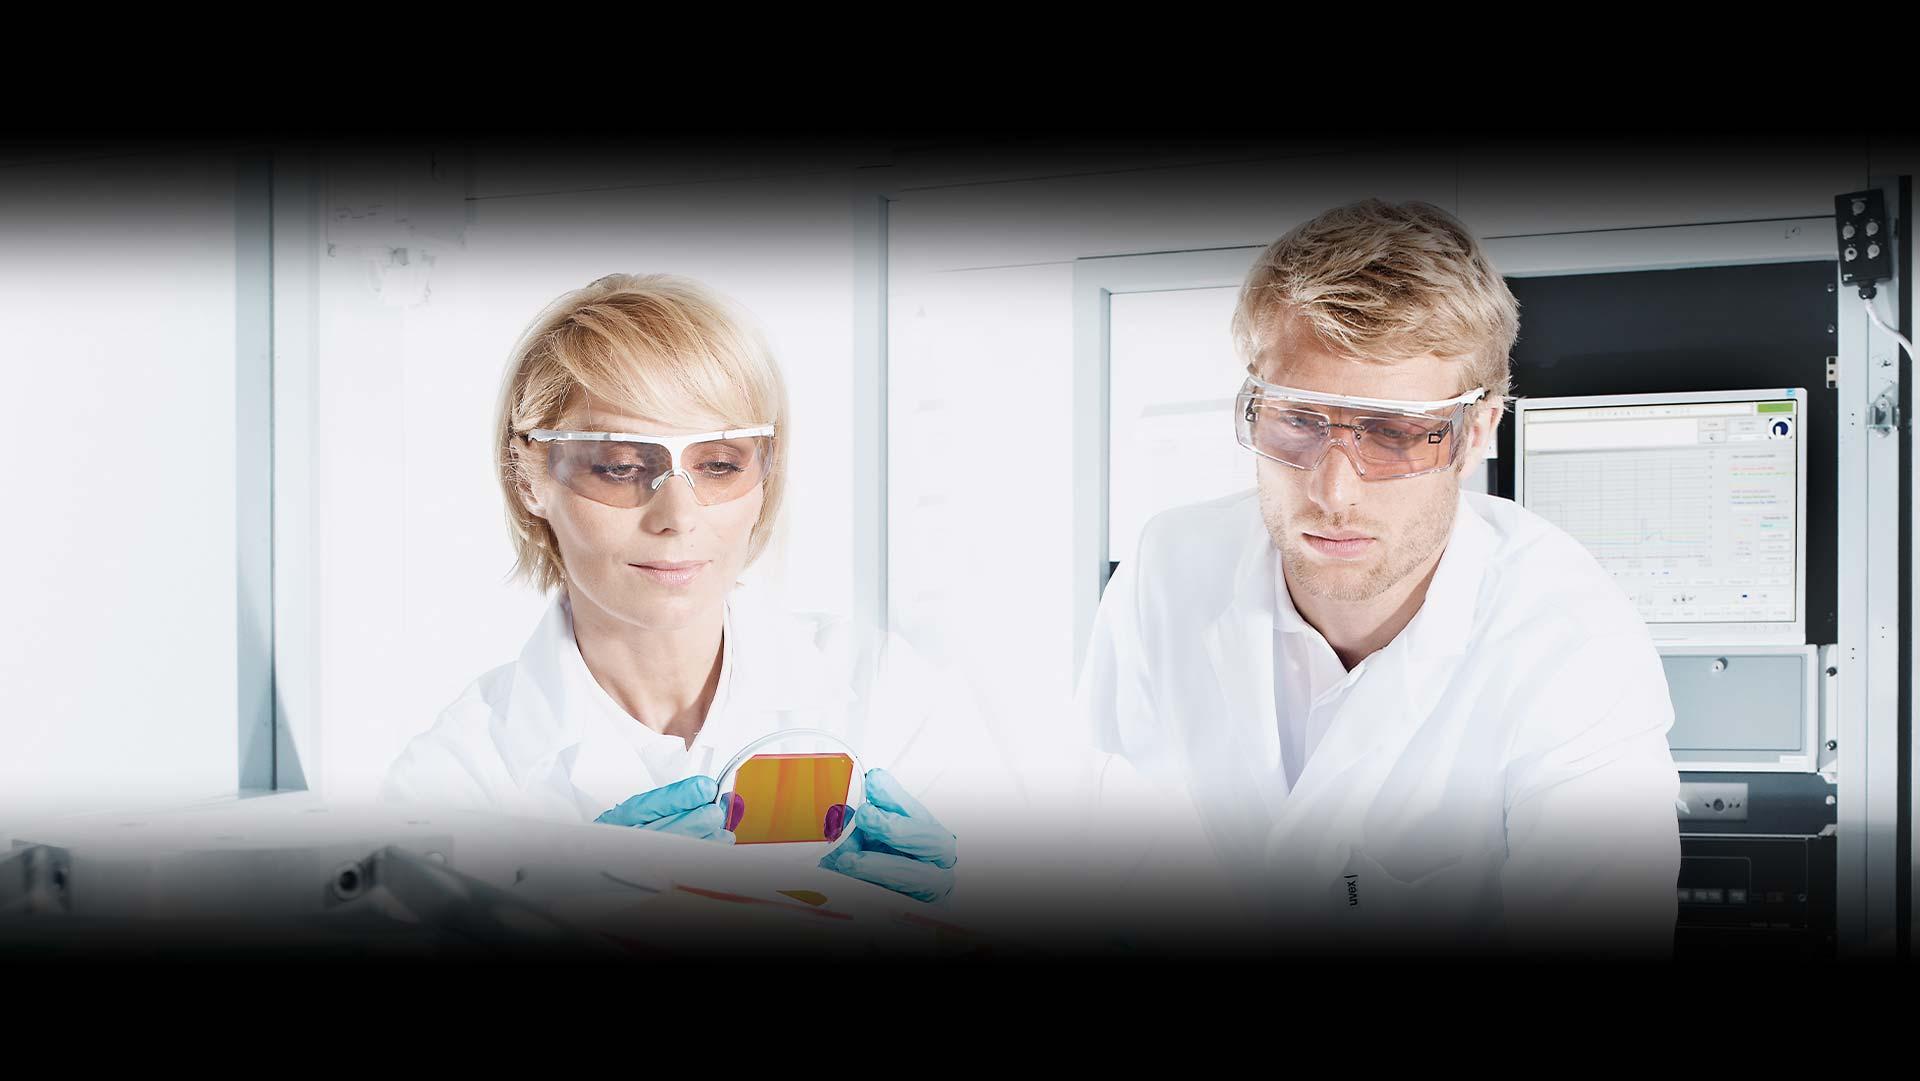 uvex CR autoclavable eyewear